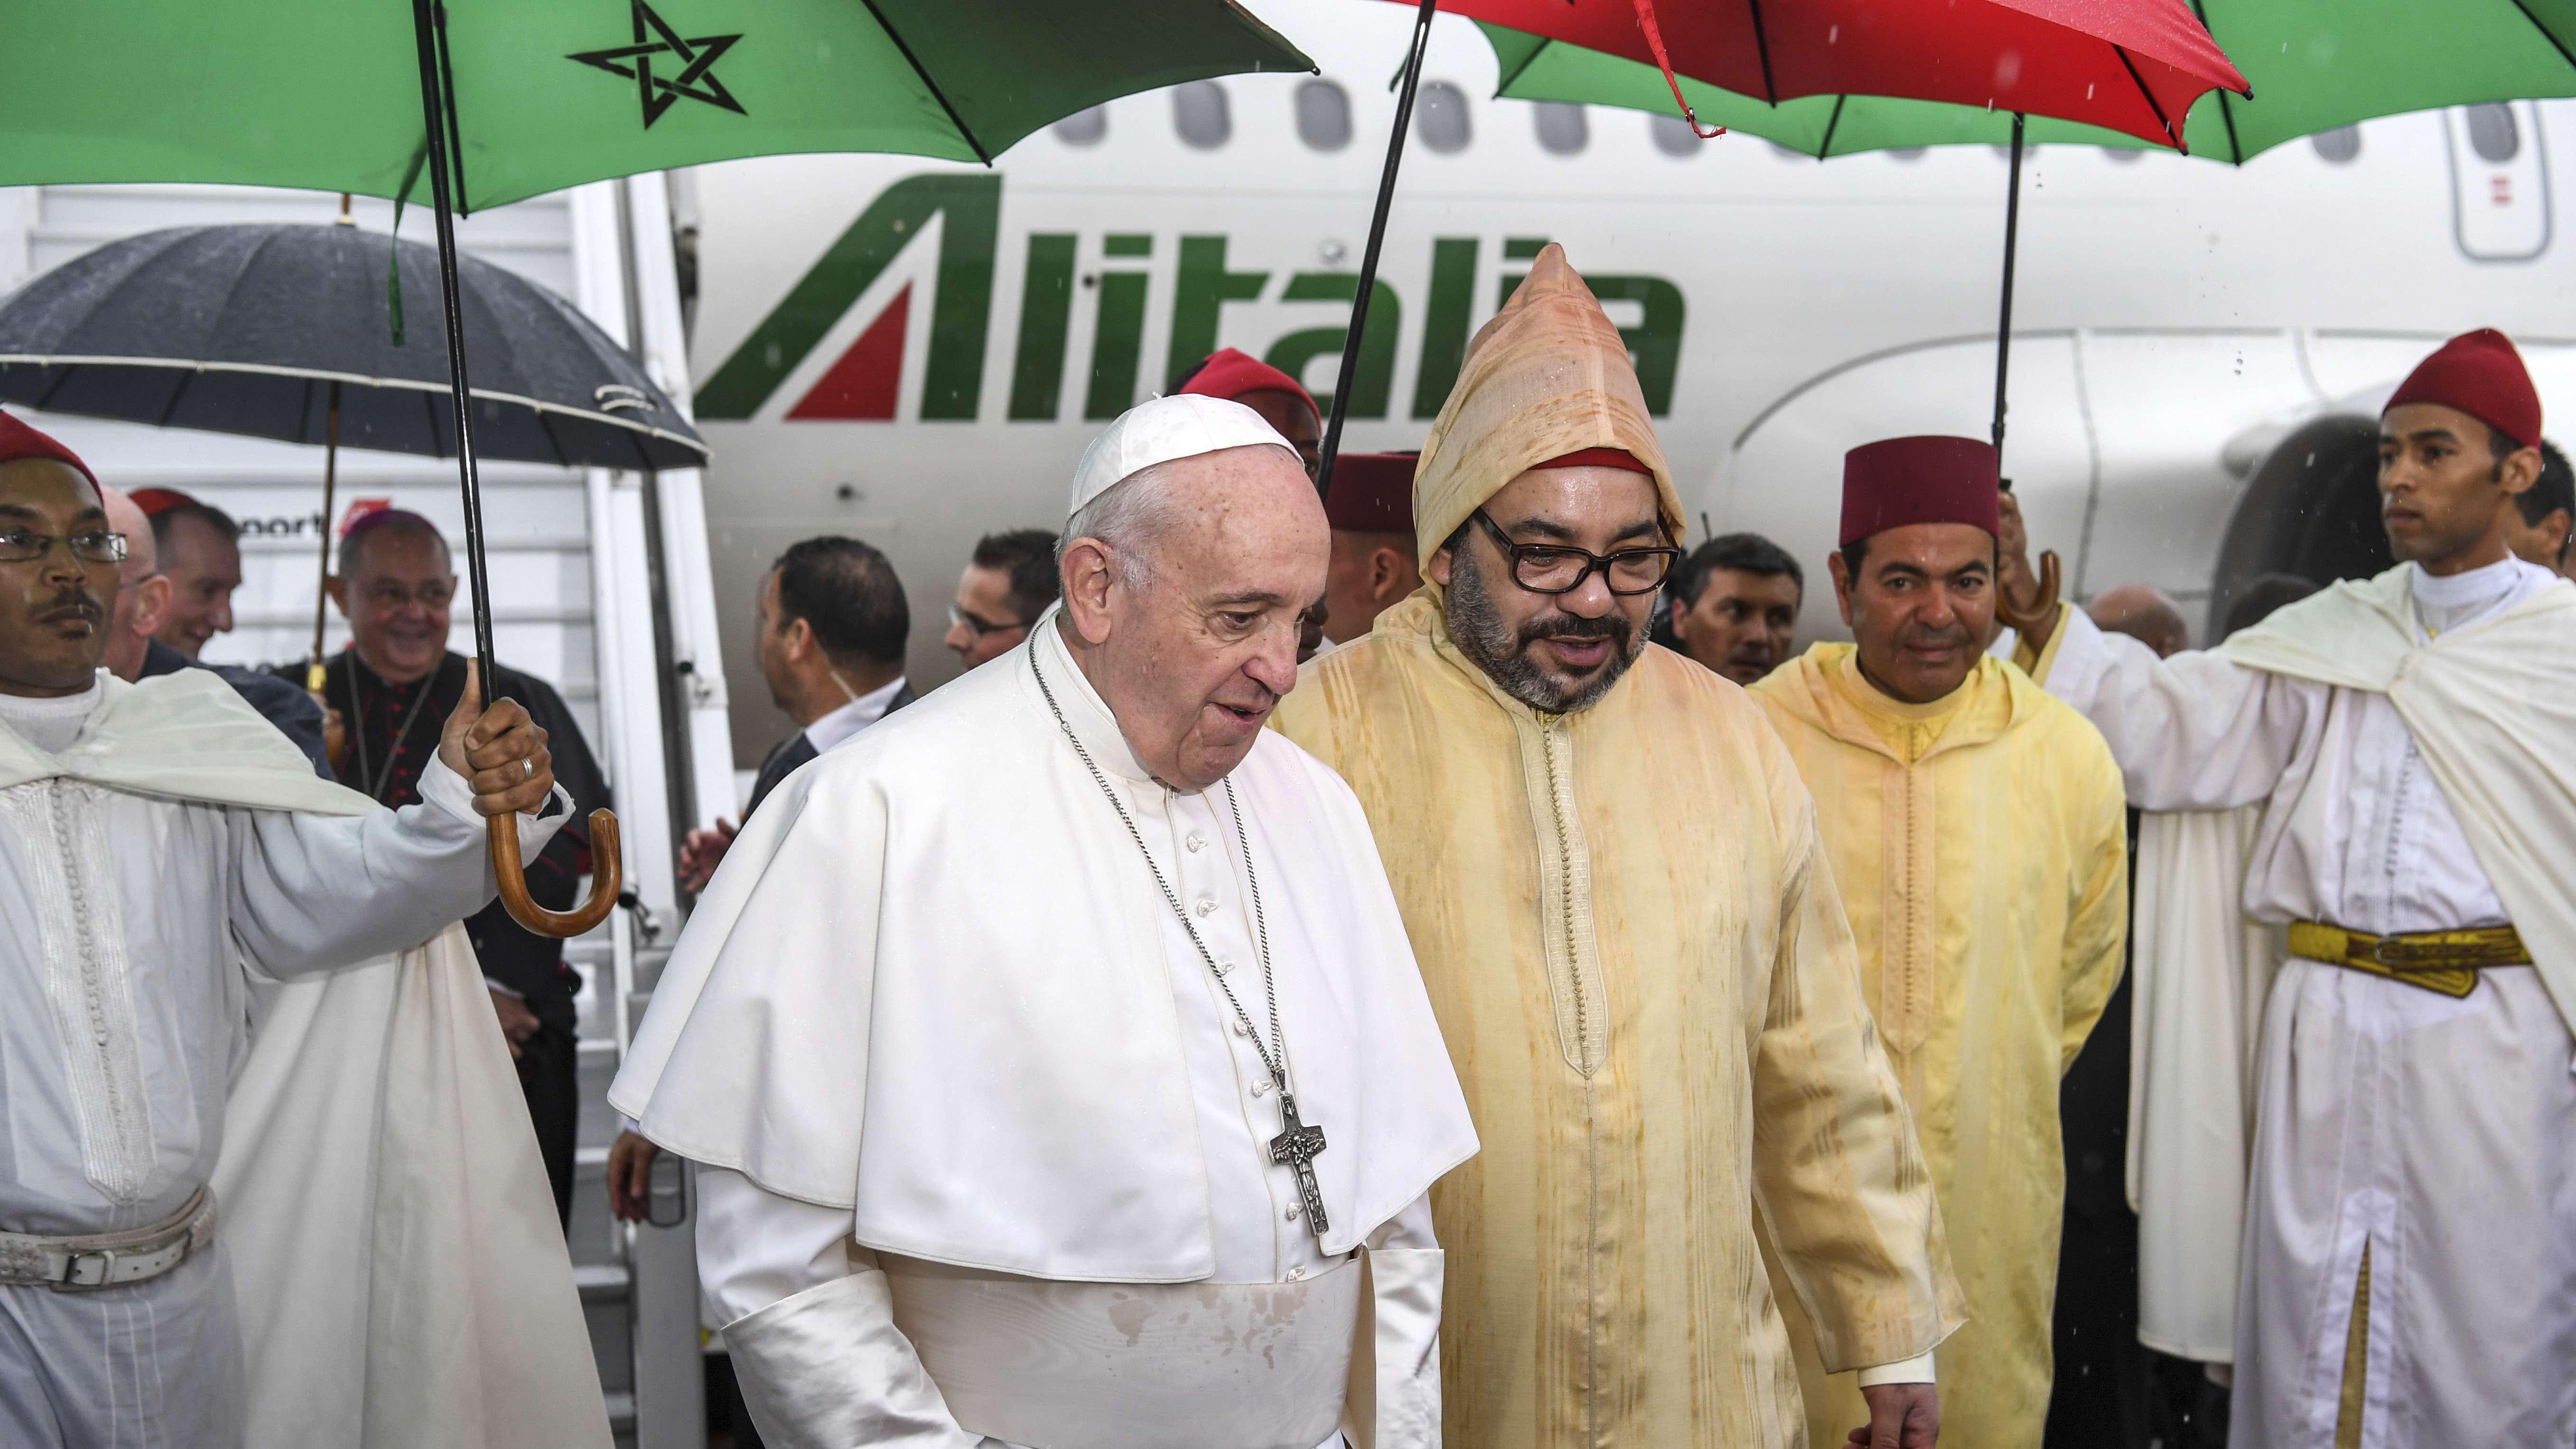 Papst Franziskus wird bei seiner Ankunft in Marokko von König Mohammed IV. begrüßt